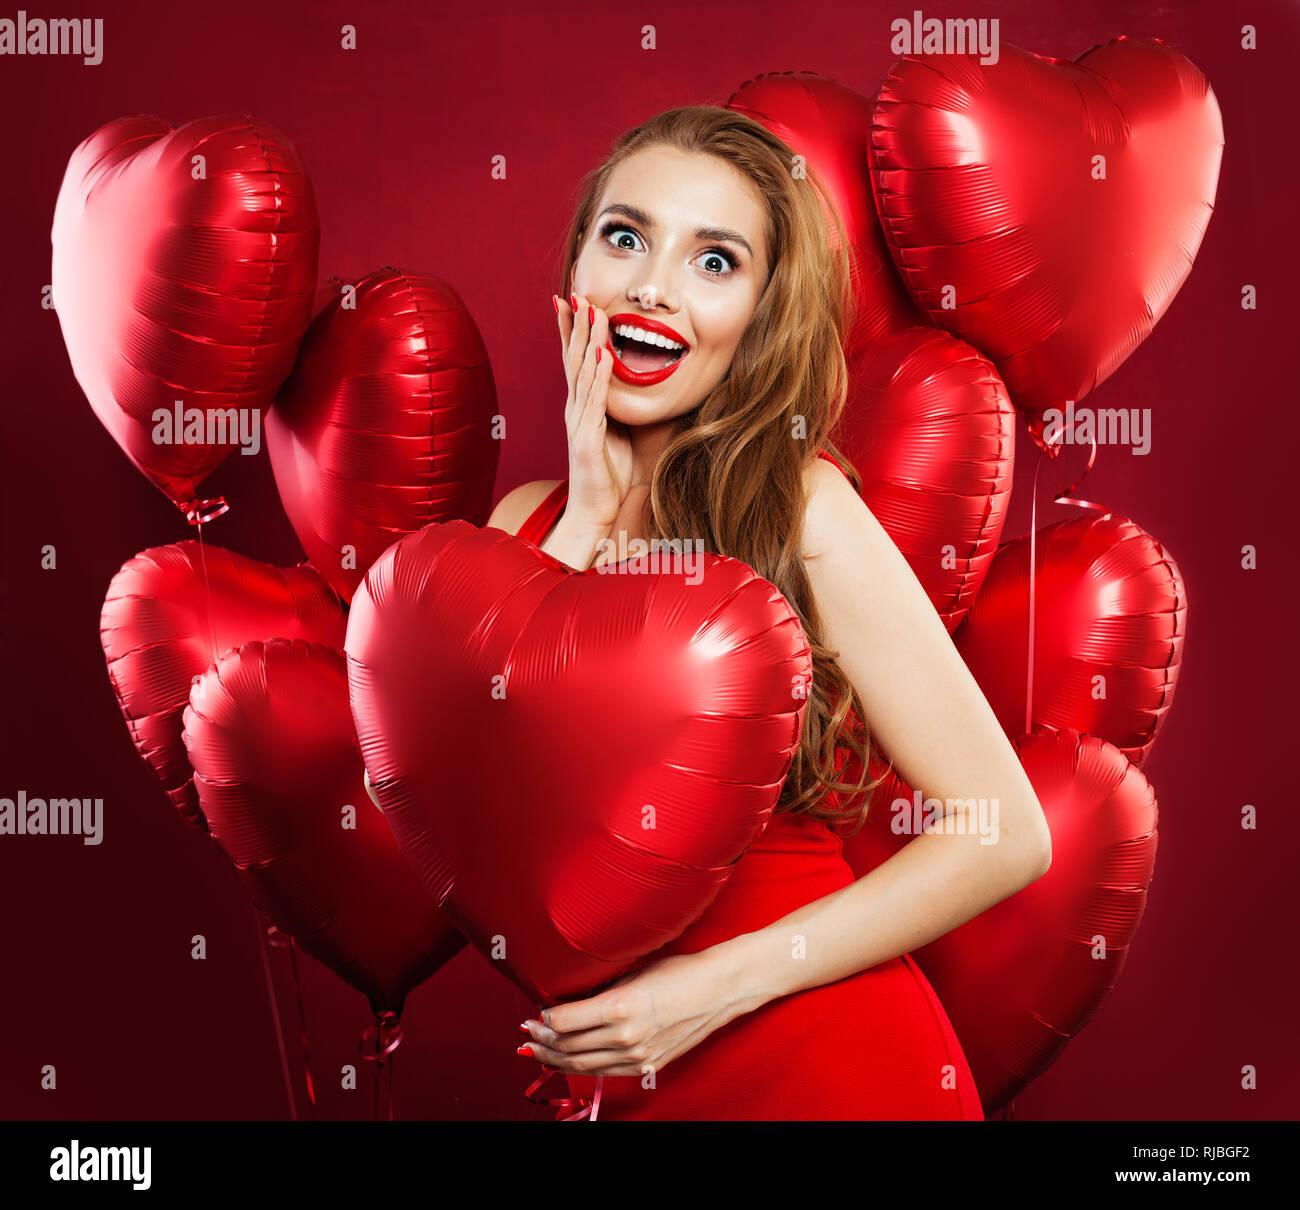 Sorprendido Mujer Sosteniendo Globos Corazón Rojo Retrato